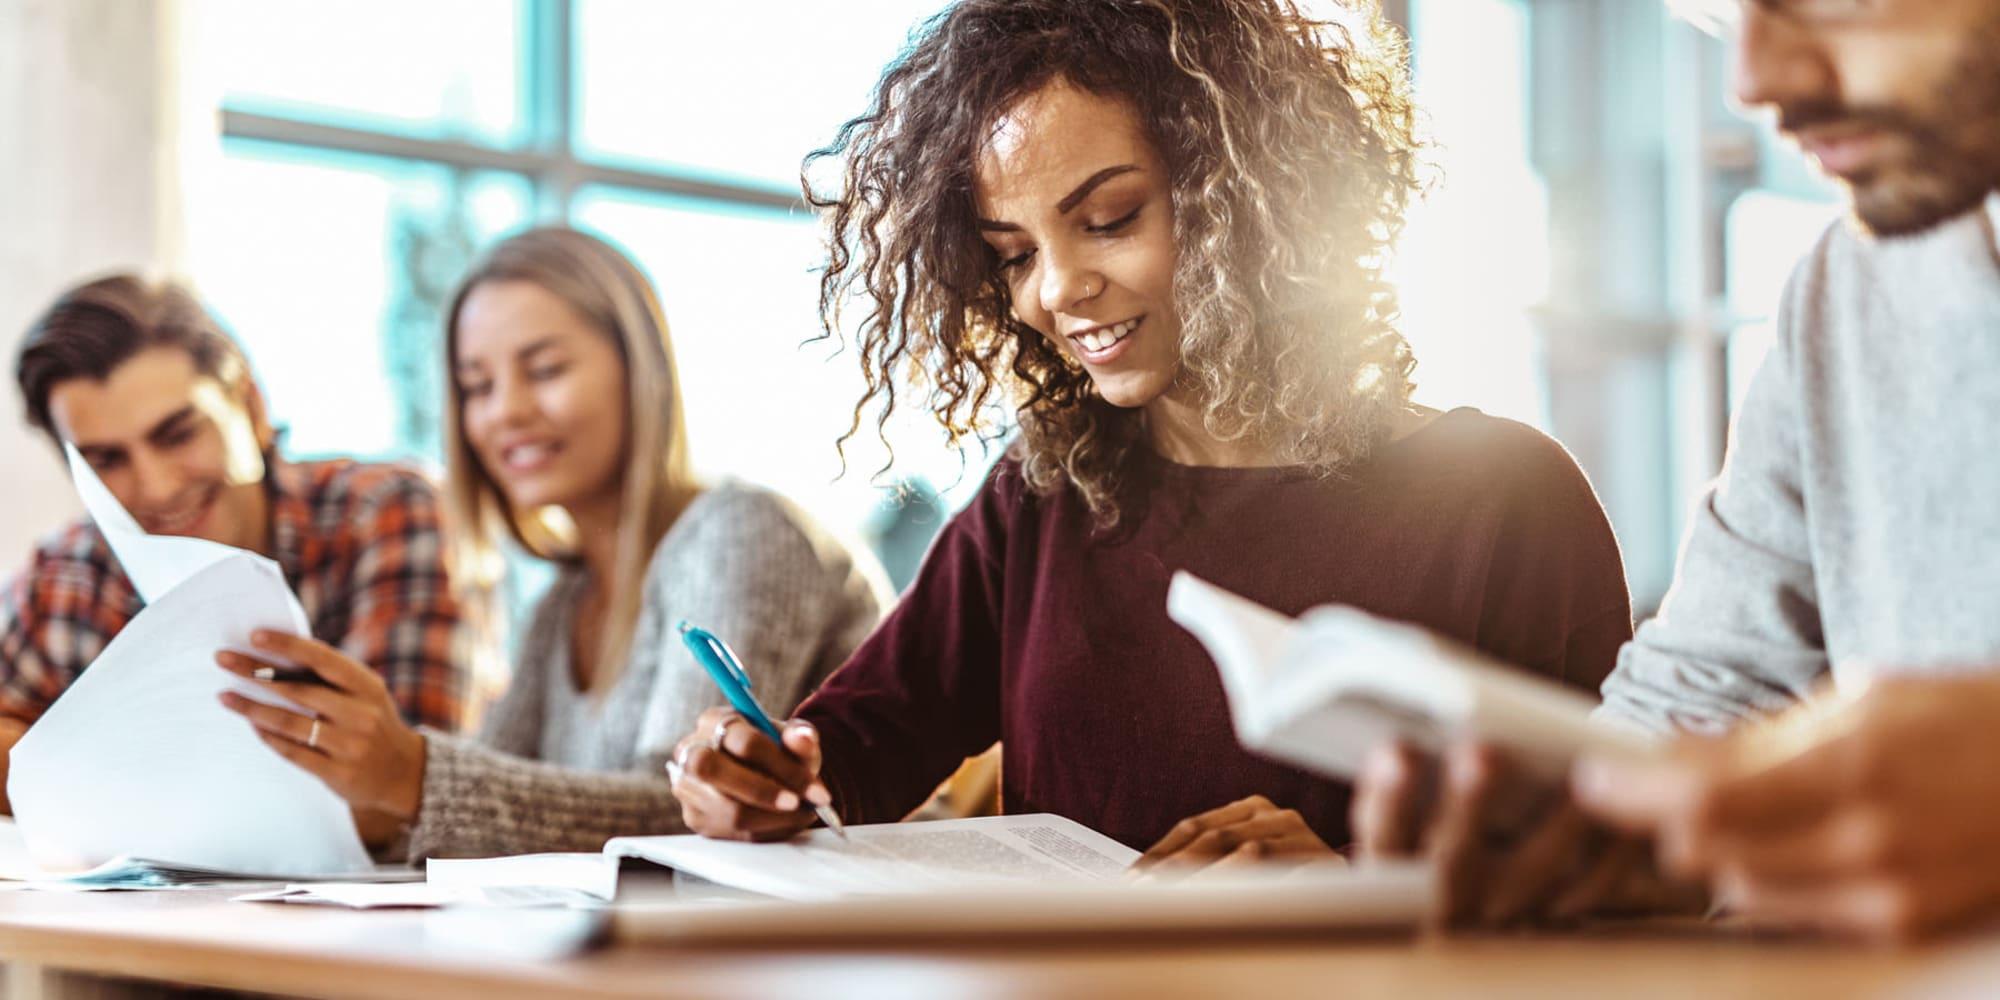 Students in class near L'Estancia in Studio City, California